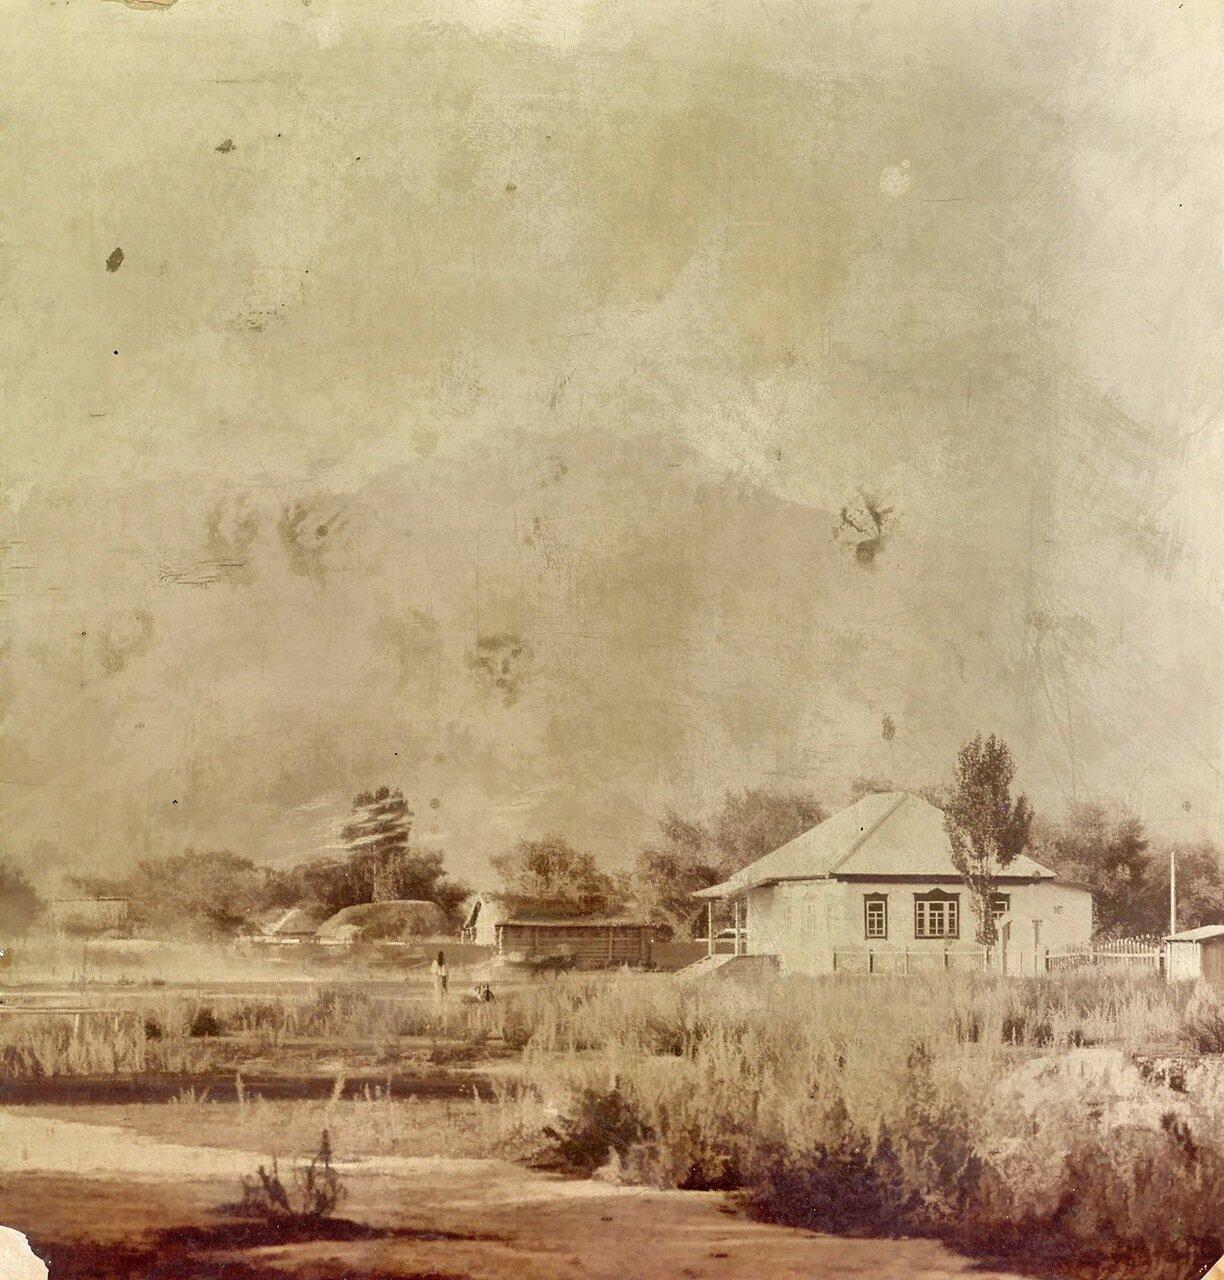 Церковноприходская школа в селе Сазановка(Ананьево).  1904 год